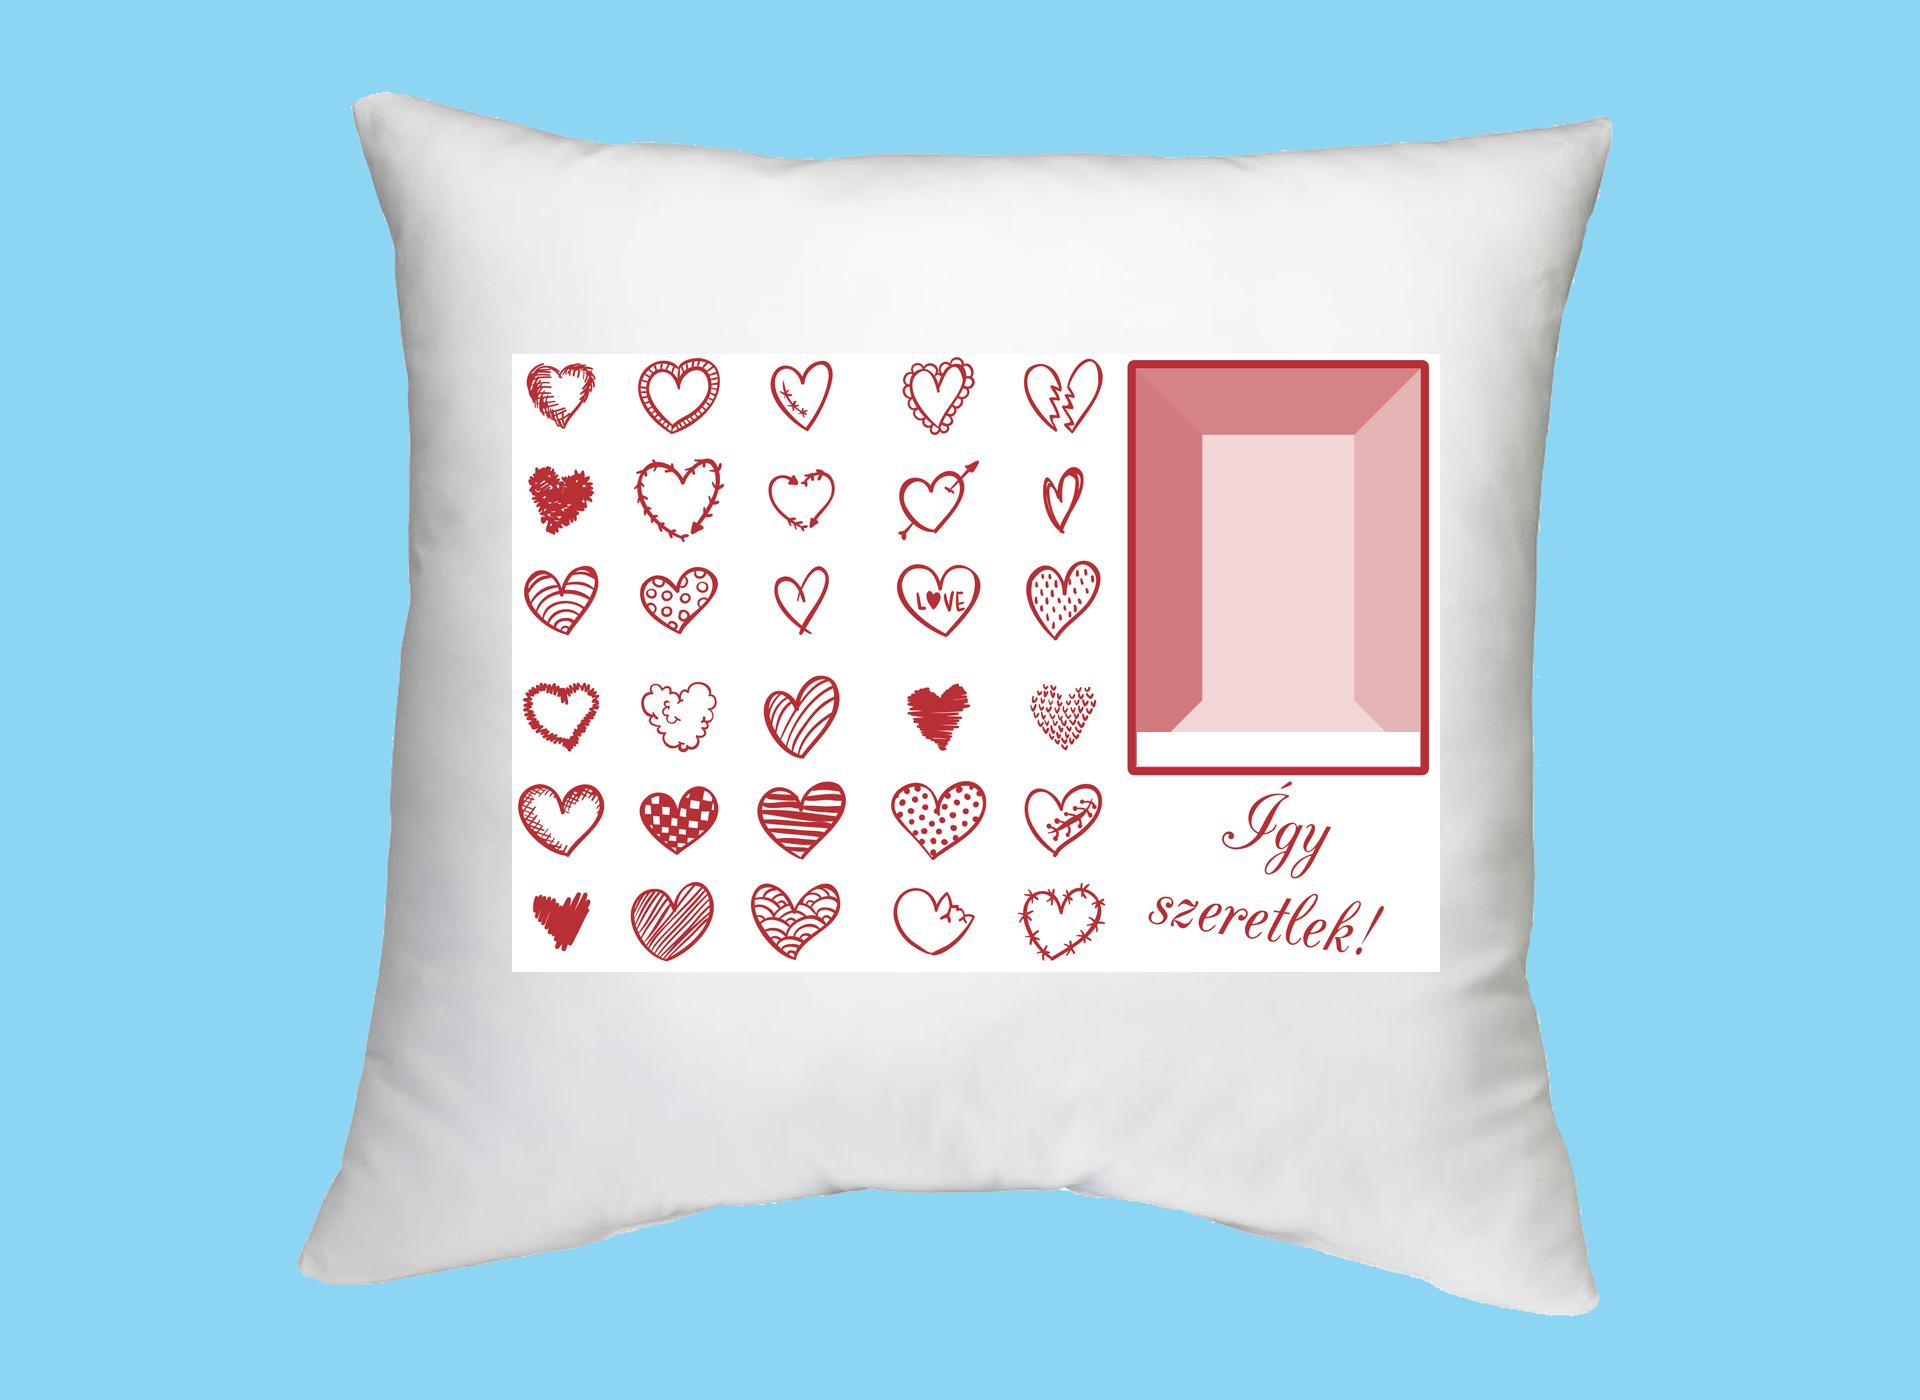 Fényképes ajándéktárgyÍgy szeretlek - Valentin párna